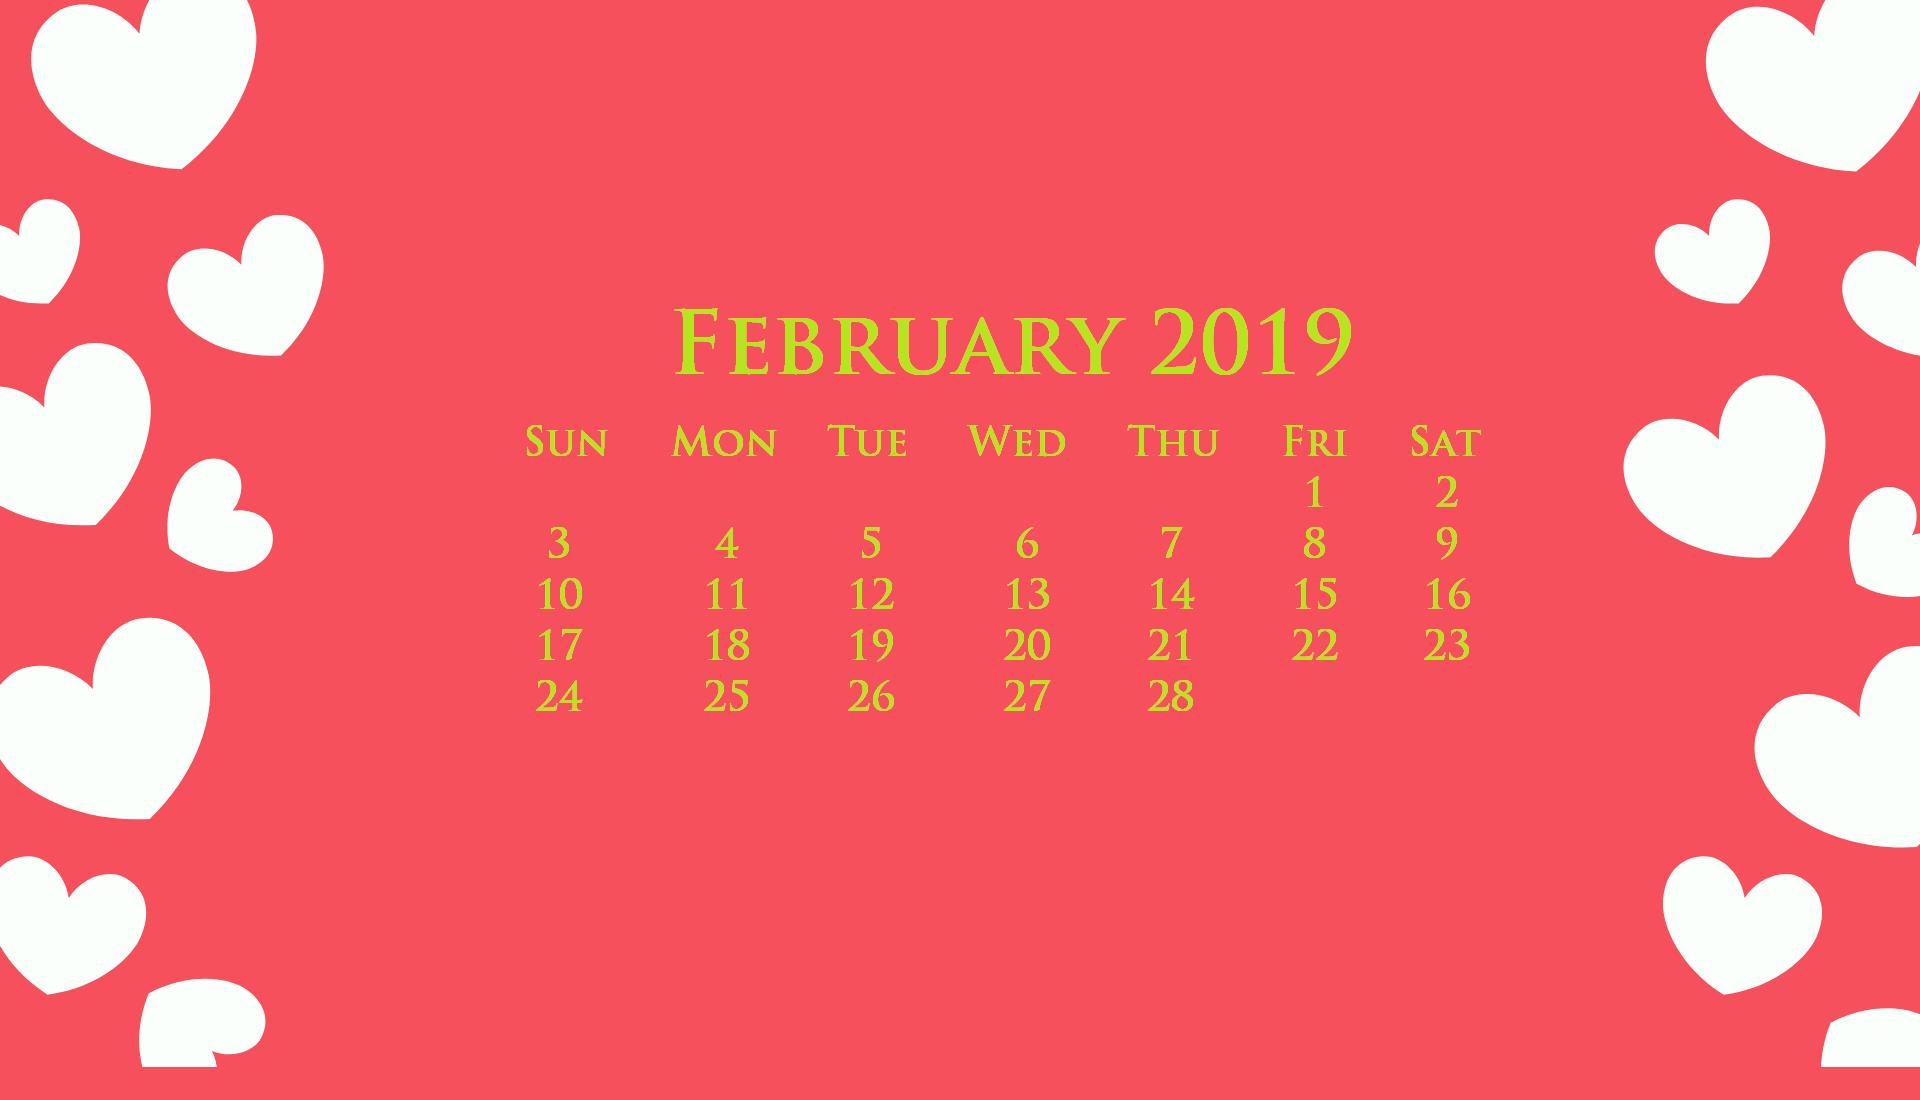 Desktop February 2019 Calendar Wallpaper